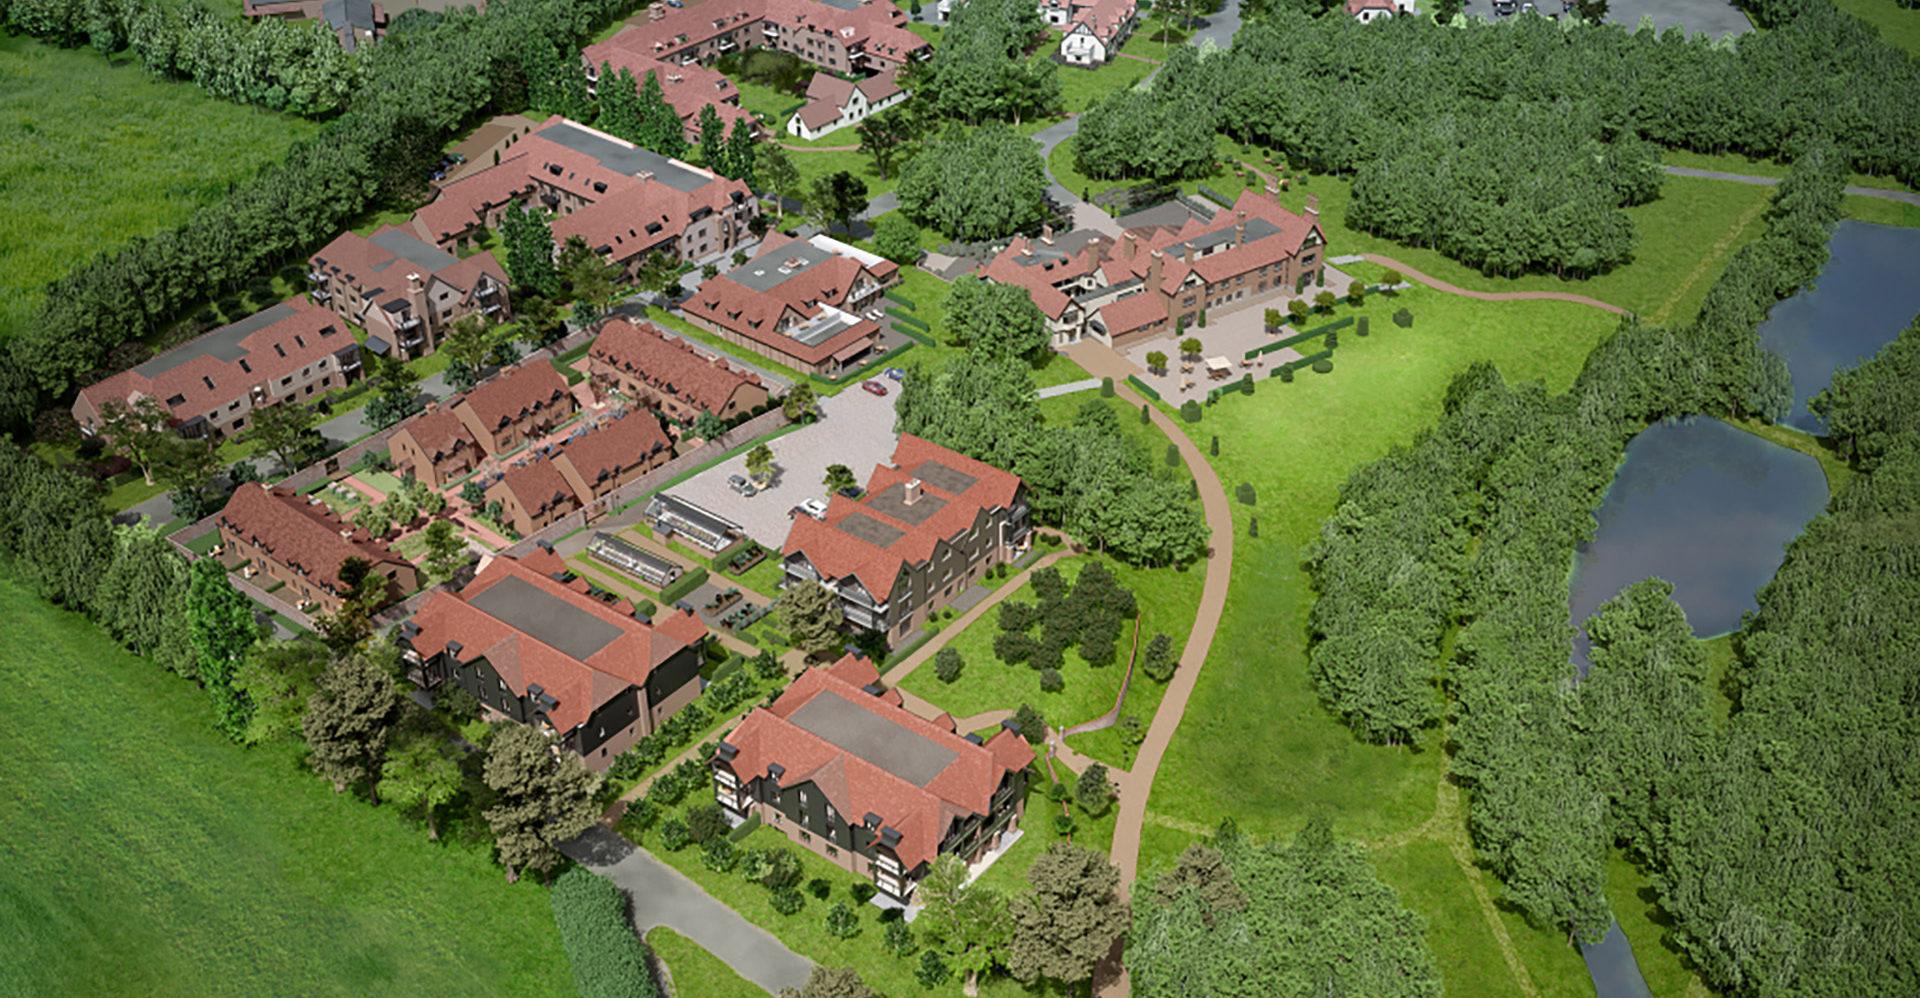 Audley-Stanbridge-Earls-Aerial-1024x718.jpg